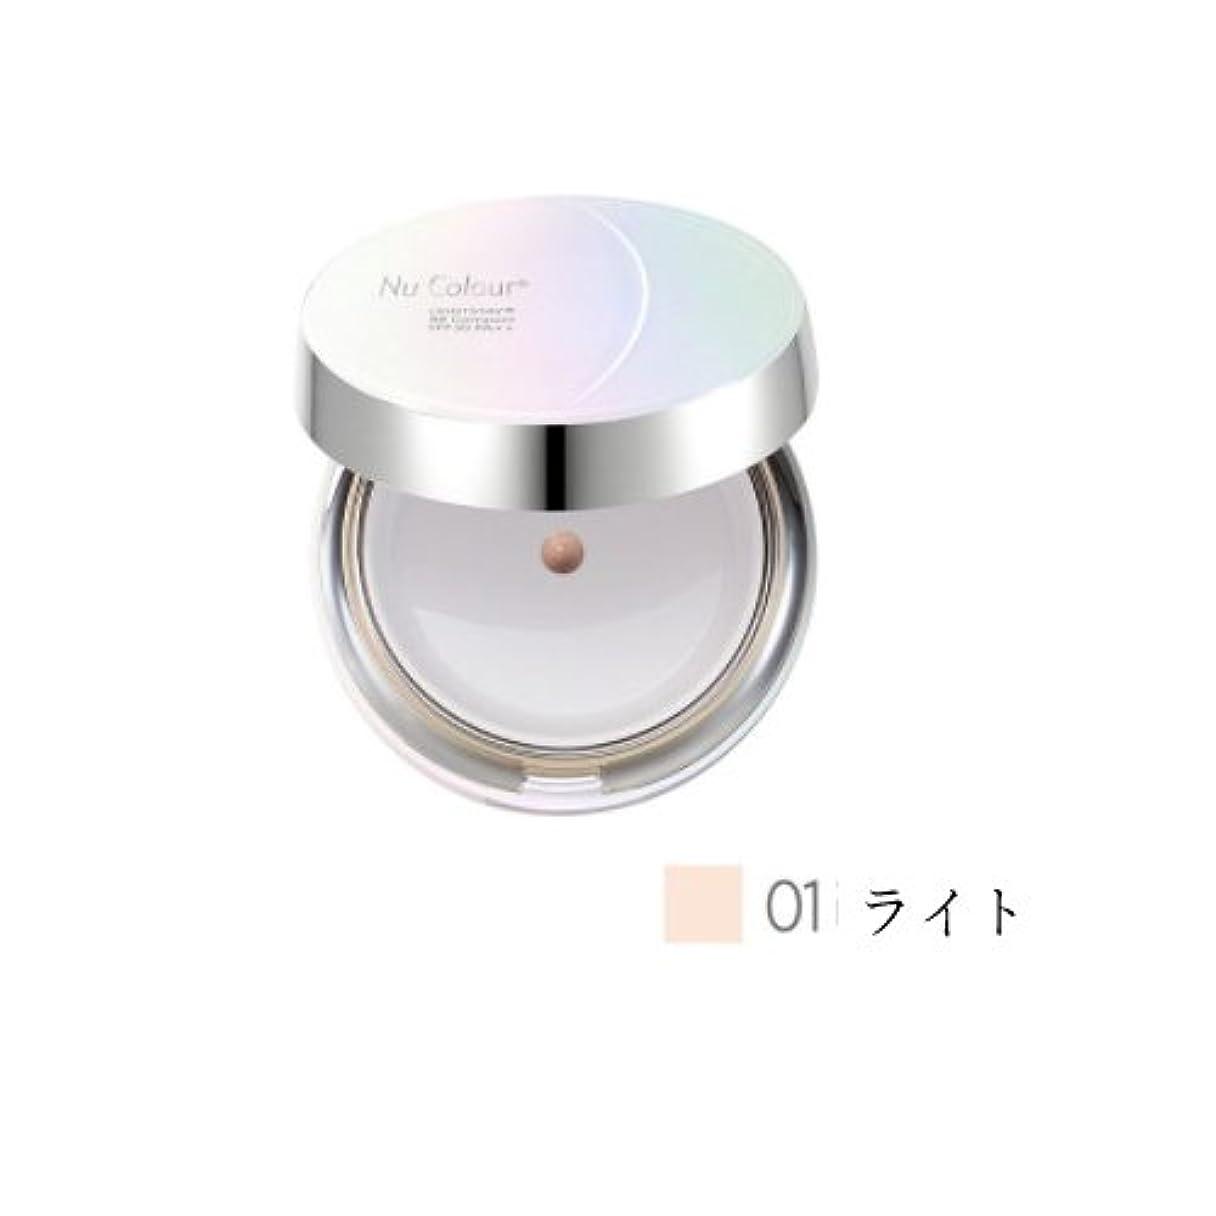 マイルうがい薬否認するニュースキン ライトステイビビコンパクトSPF30 PA++01ライト BB Compact 01 Light [並行輸入品]